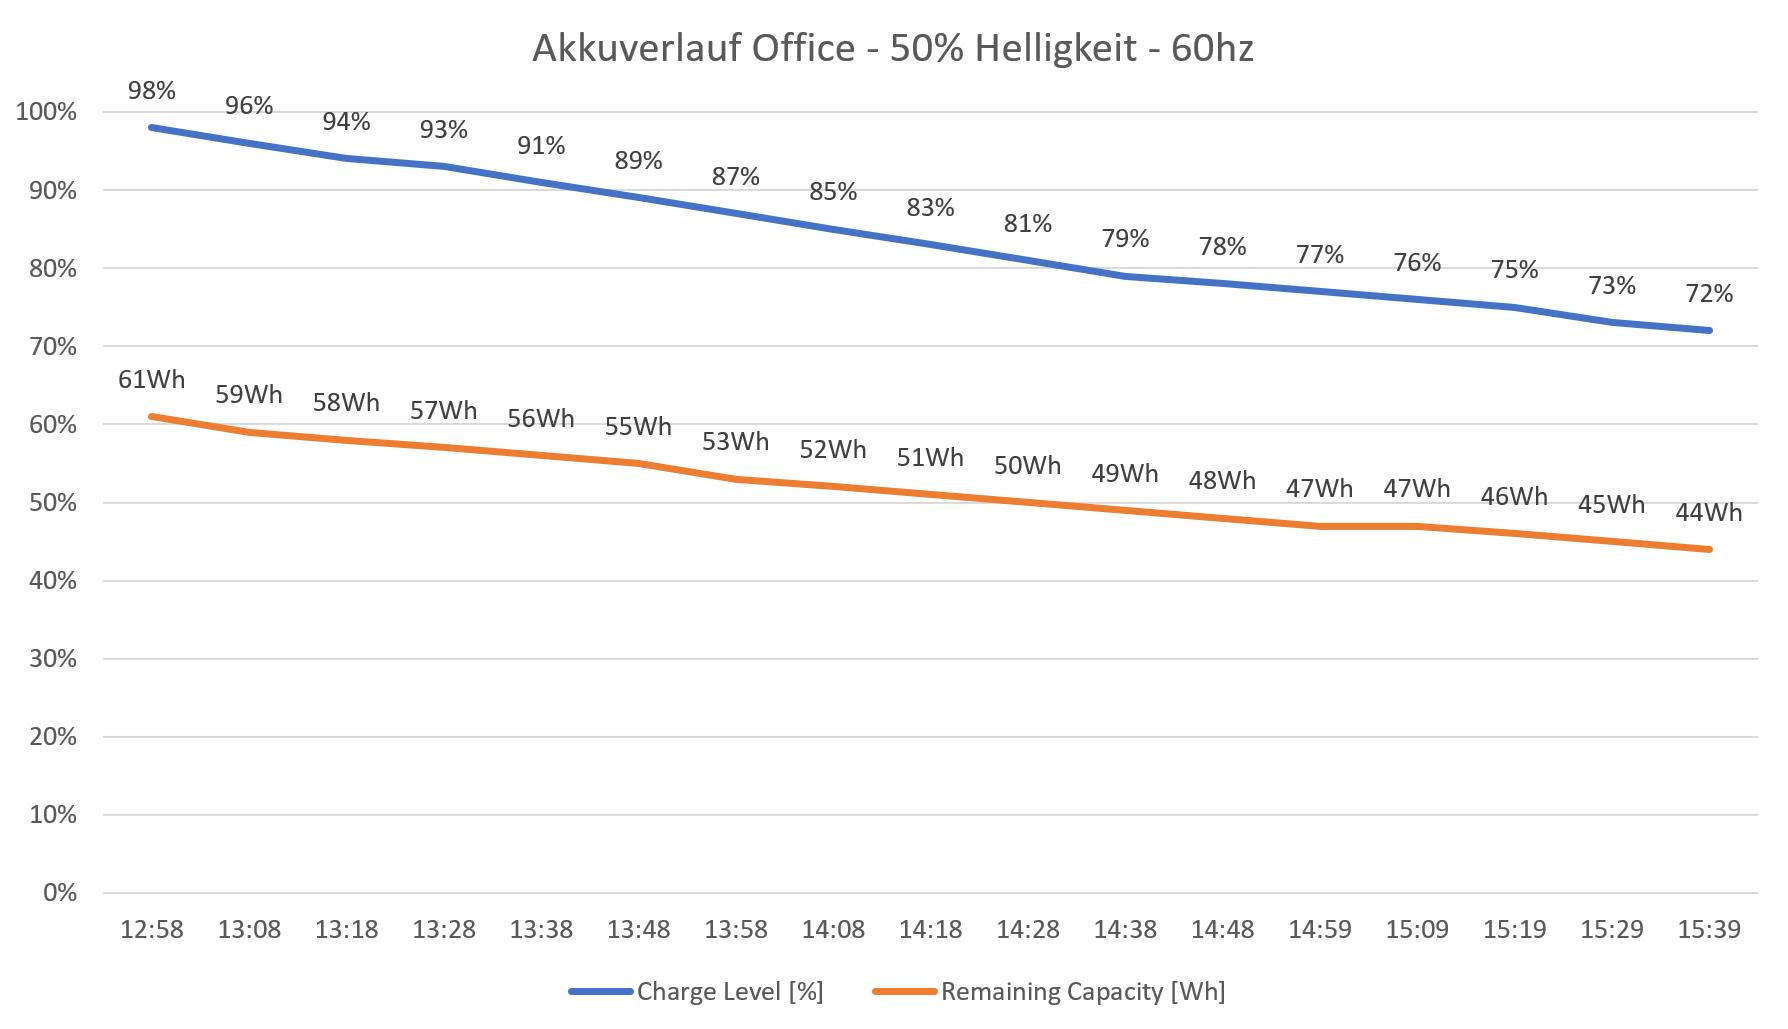 Akkuverlauf - Office - 60hz.png